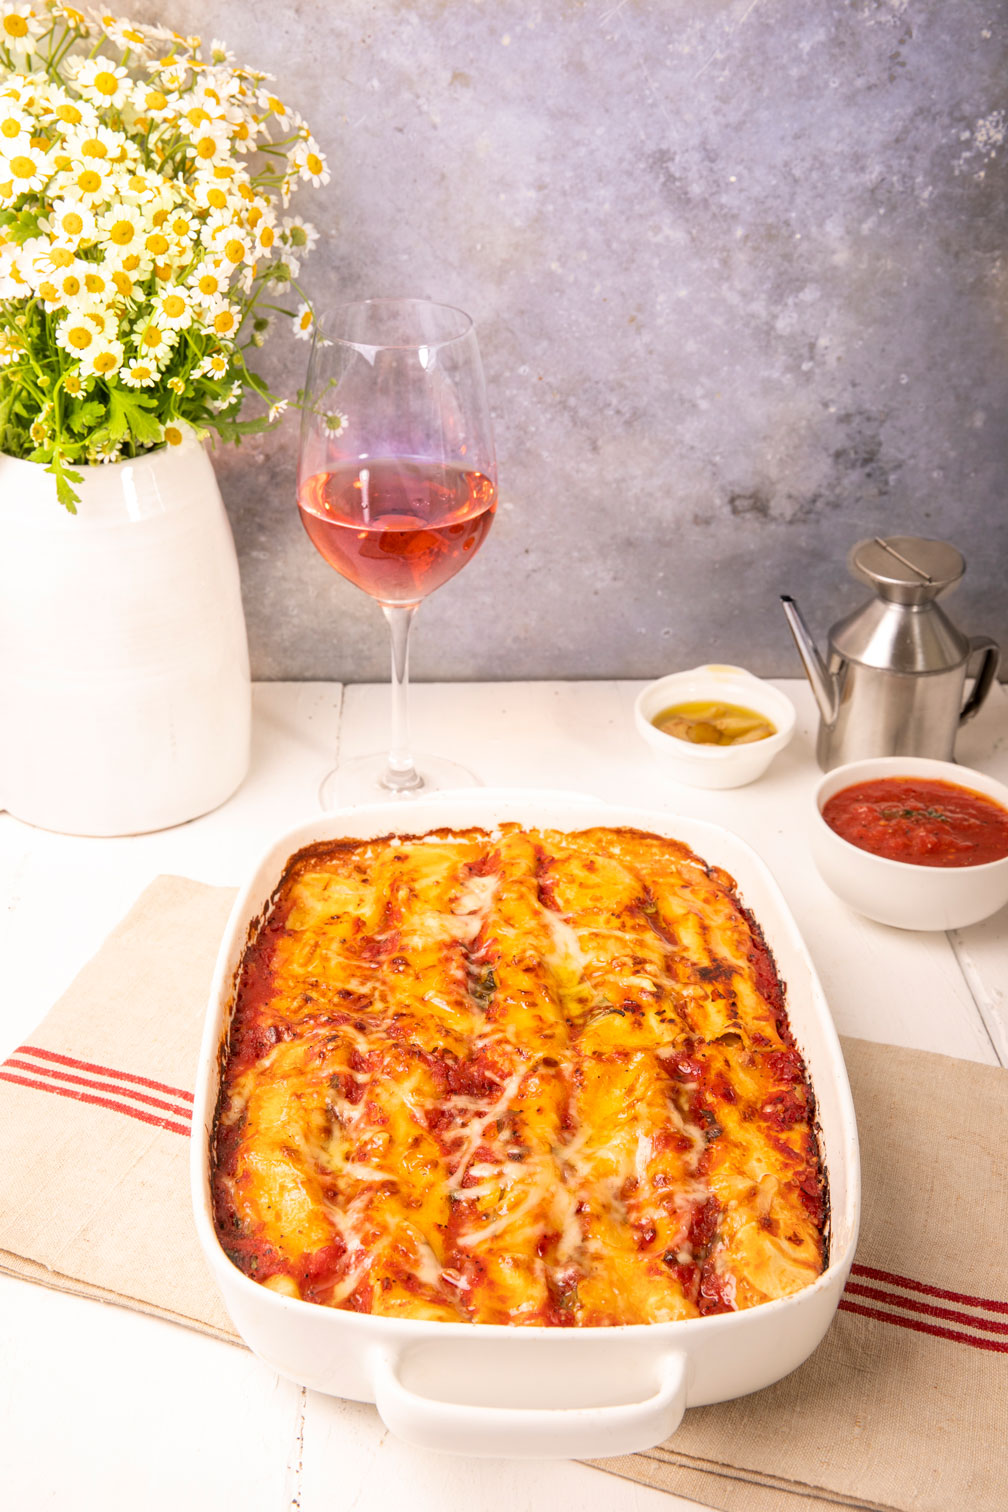 קנלוני במילוי חציל וגבינה עם כוס יין